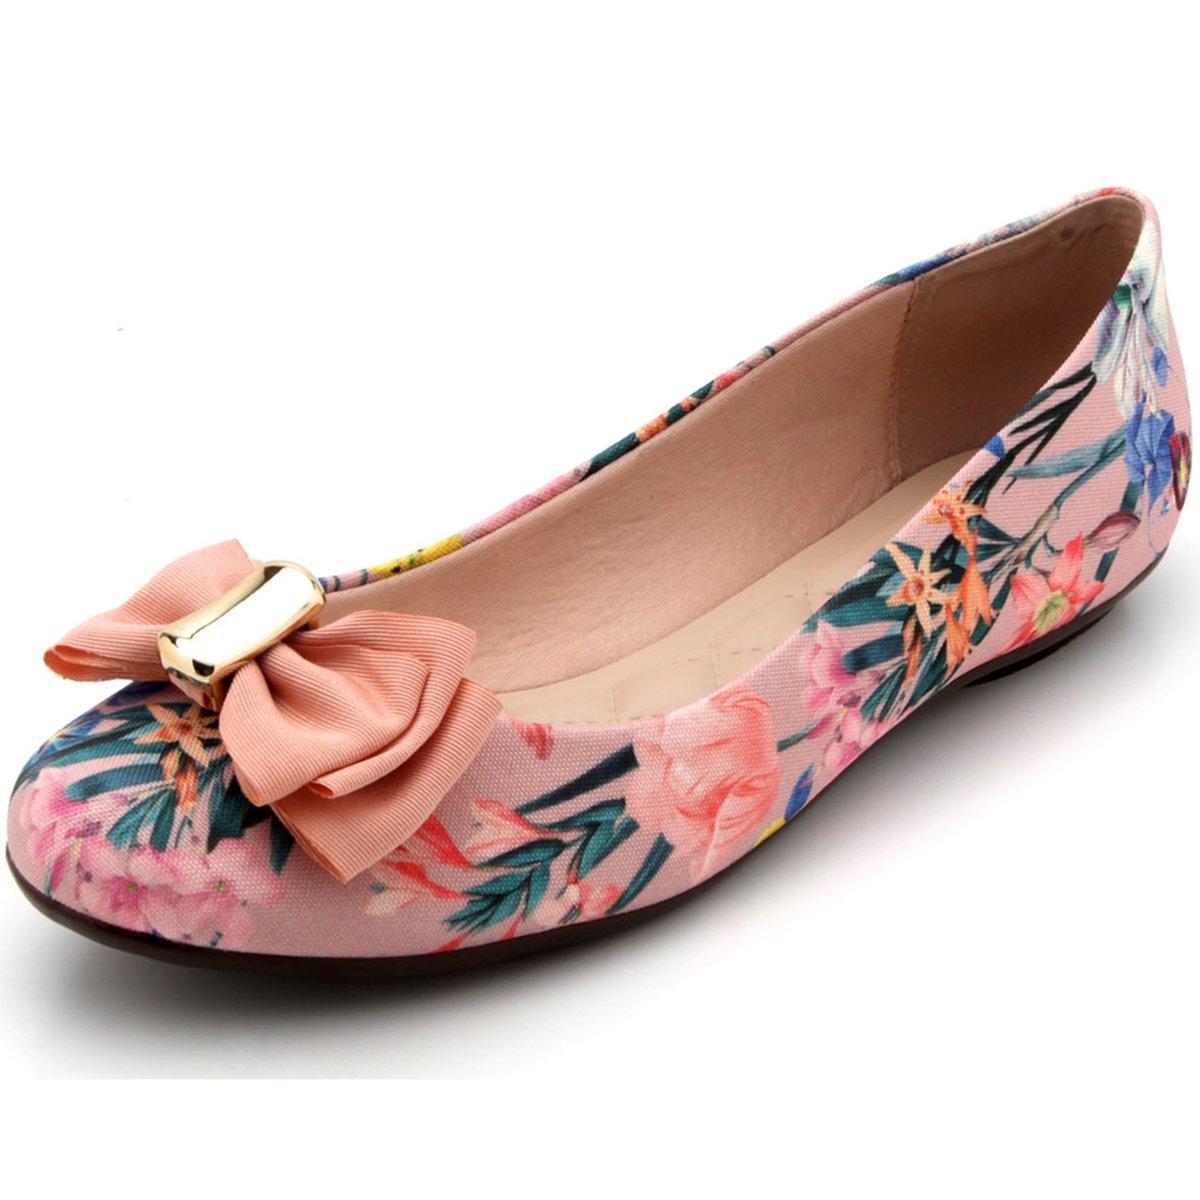 18ebedb08b Sapatilha Moleca Laço Floral Feminina Rosa - Compre Agora